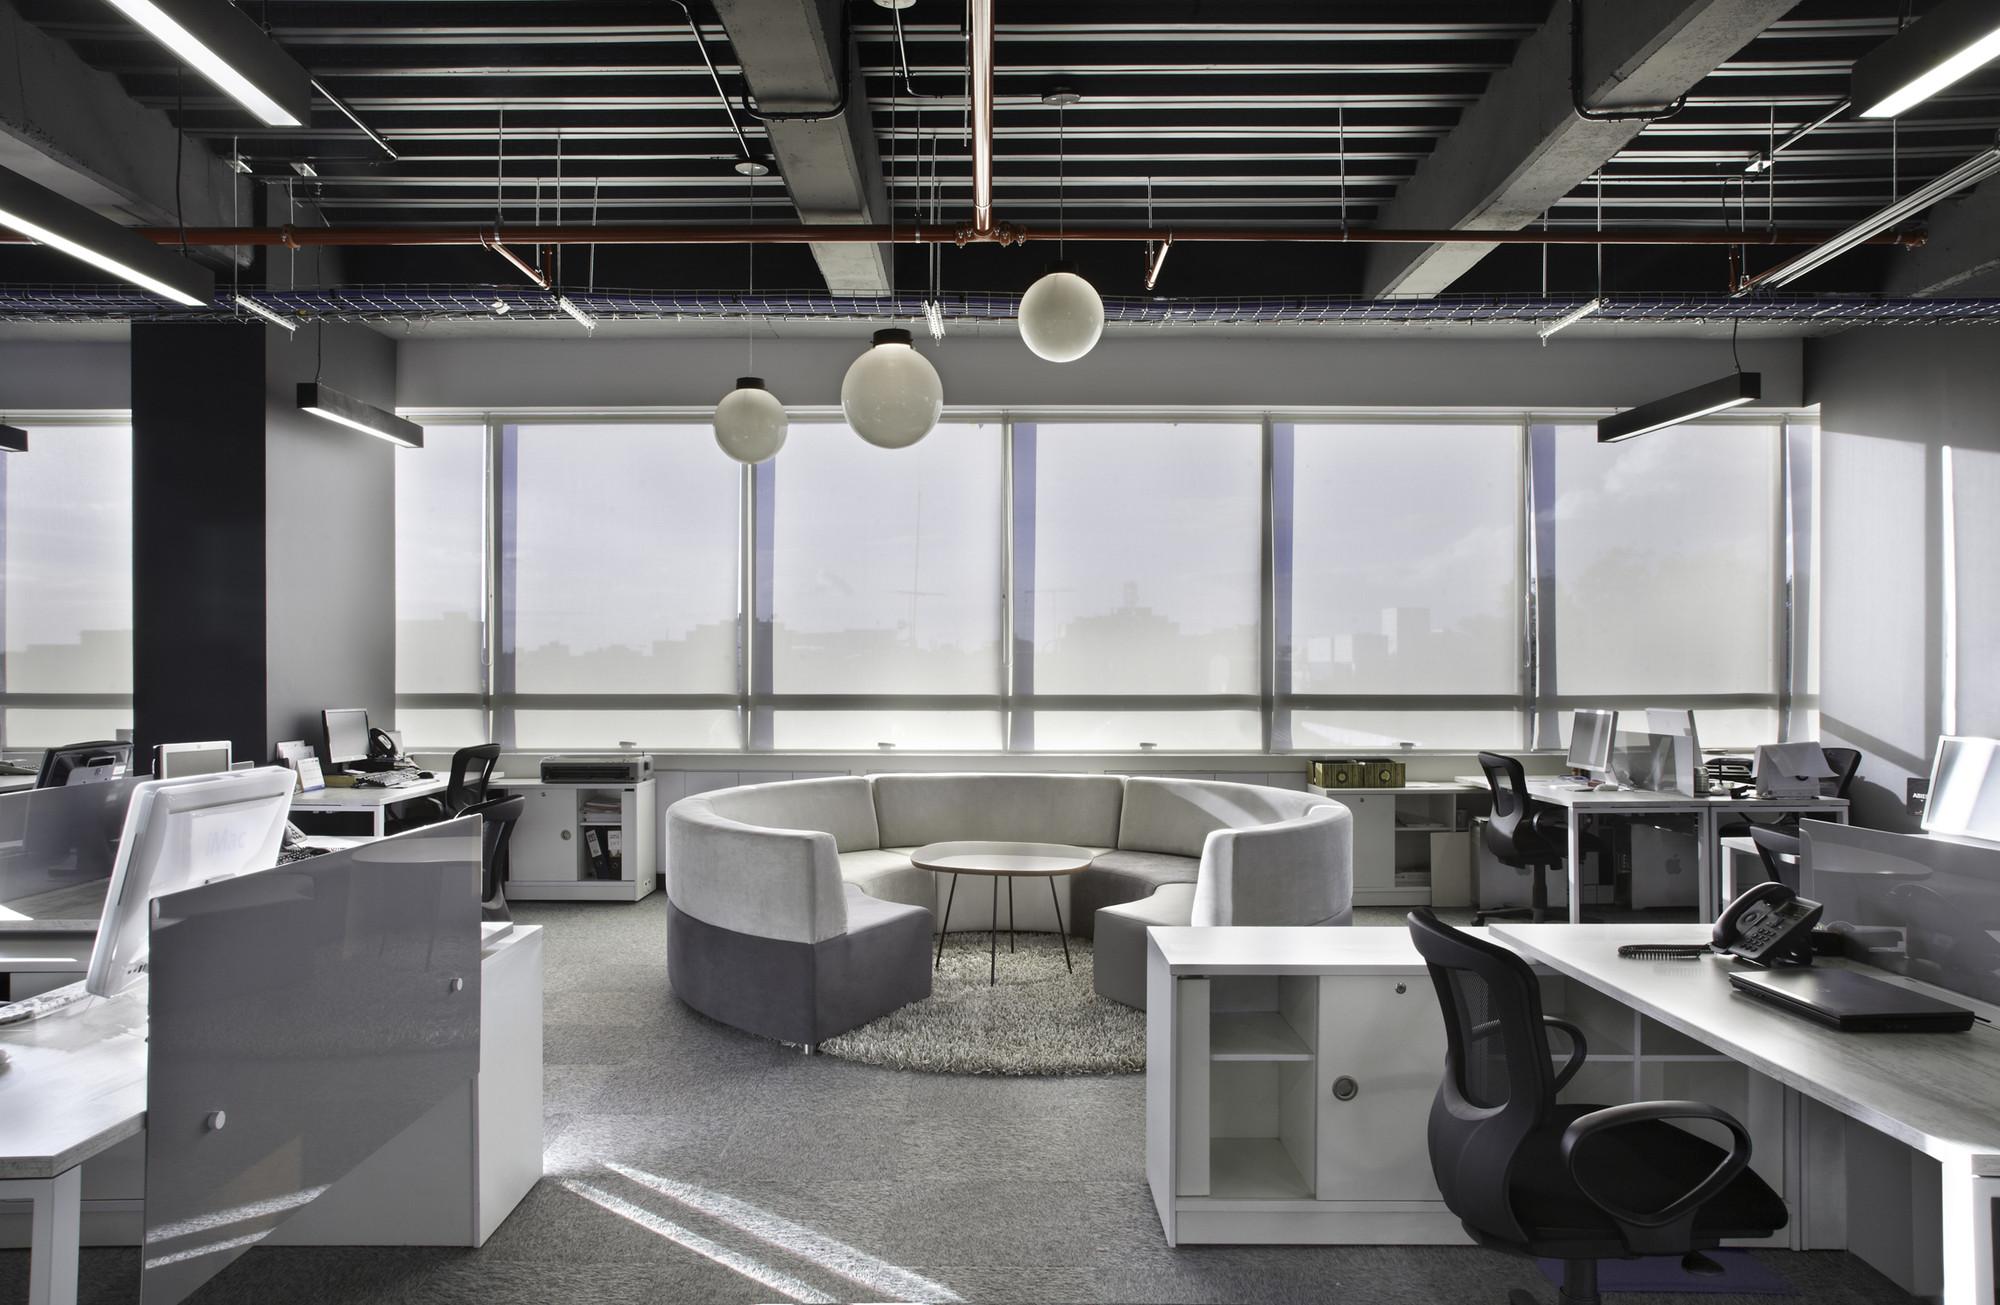 Galer a de oficinas jwt aei arquitectura e interiores 9 for Oficinas de arquitectura